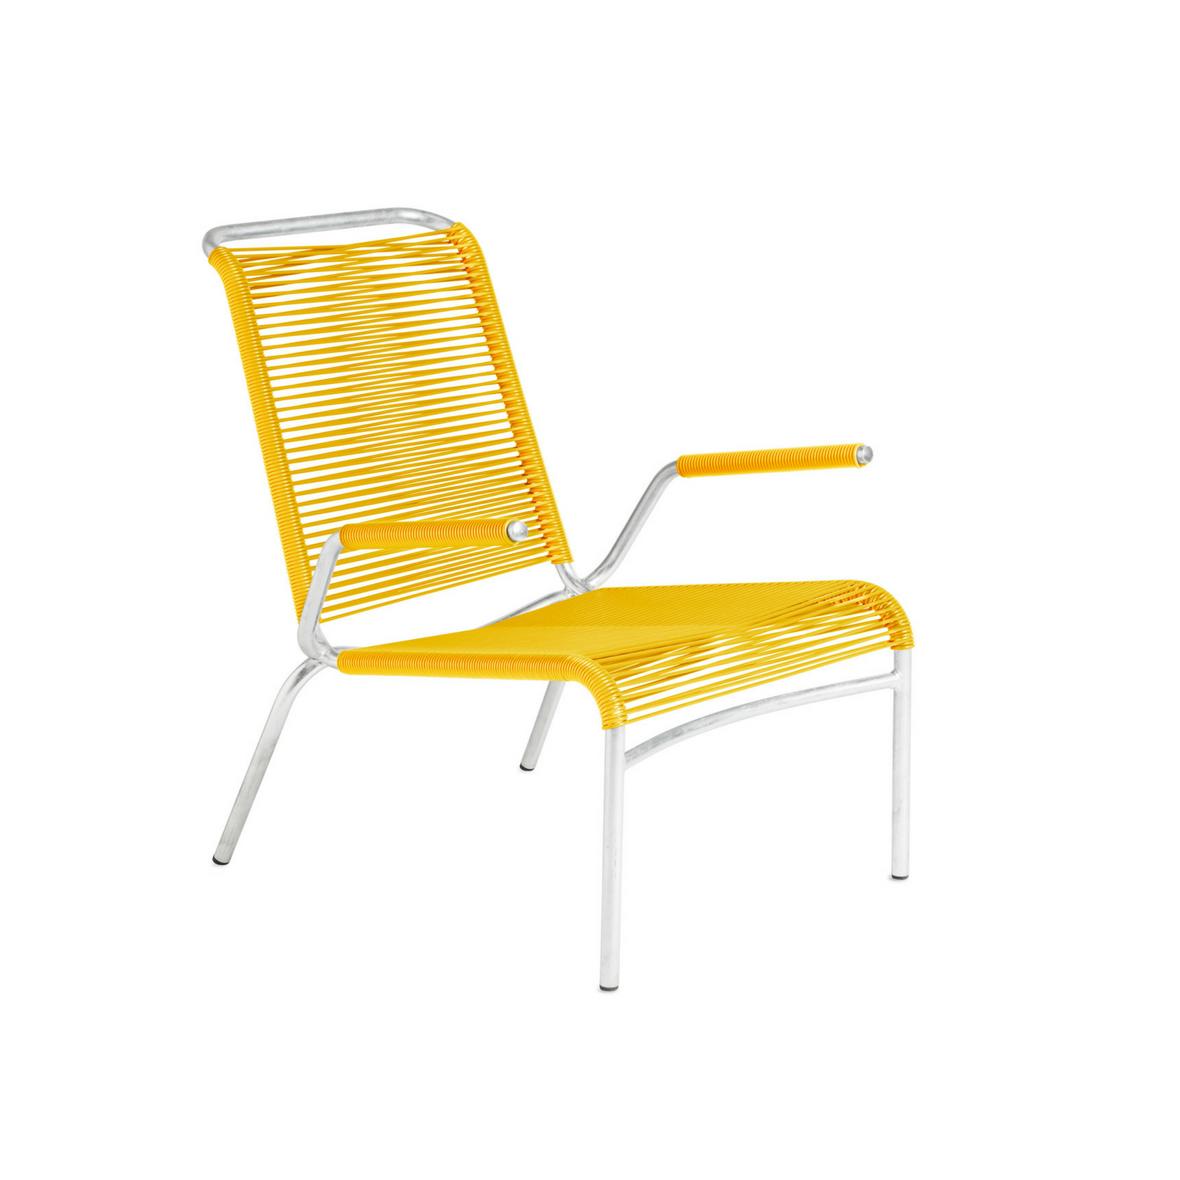 Altorfer Lounge Sessel 1142 mit Armlehne Verkehrsgelb von Embru